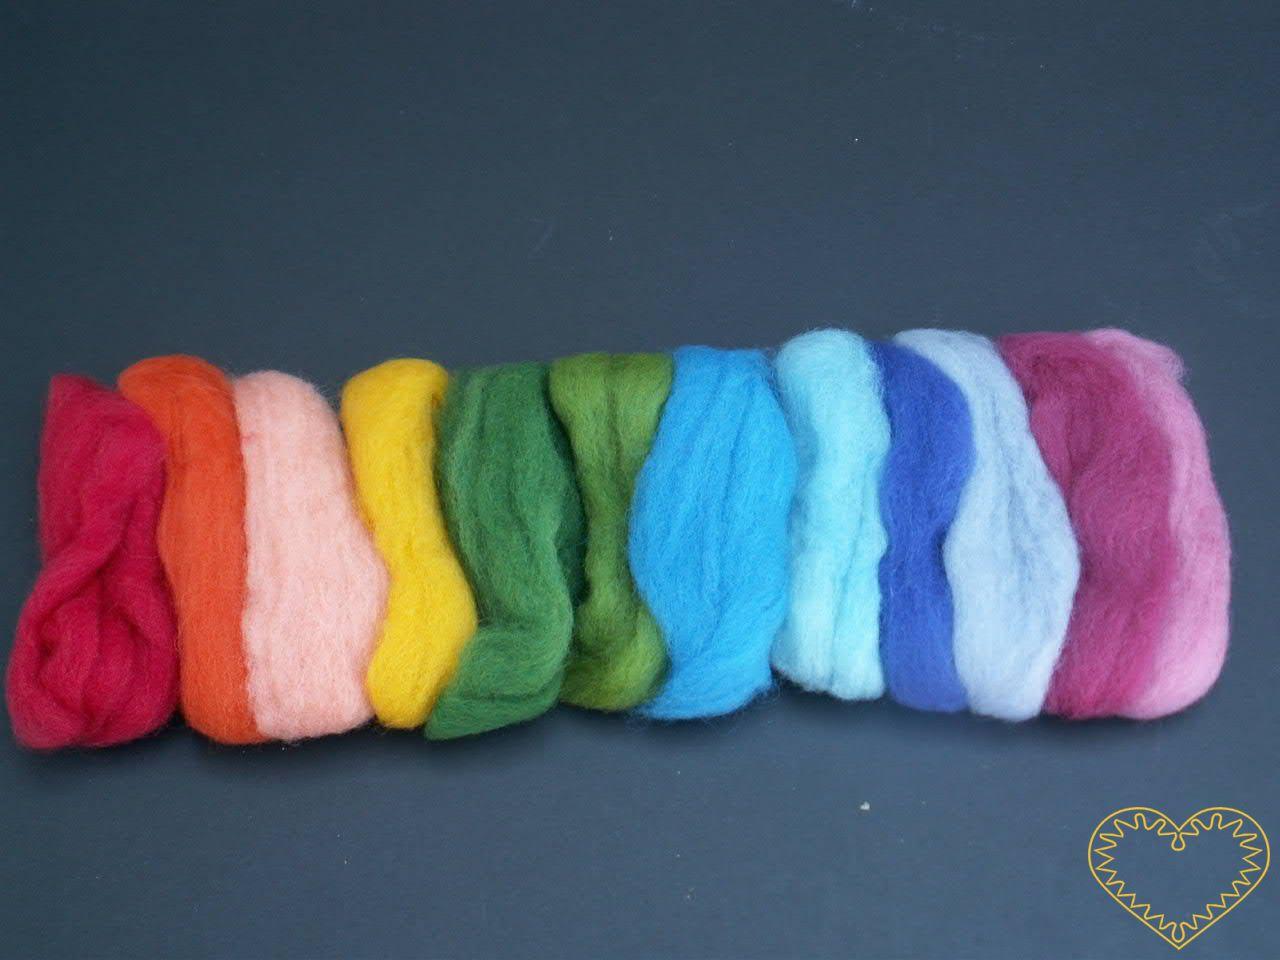 Ovčí rouno barvené - vlna - sada 12 barev (40 g). Vhodné na plstění suché (jehlou) i mokré, předení, vytváření vlněných obrázků pod sklo, jako vlásky pro panenky, figurky i maňásky.